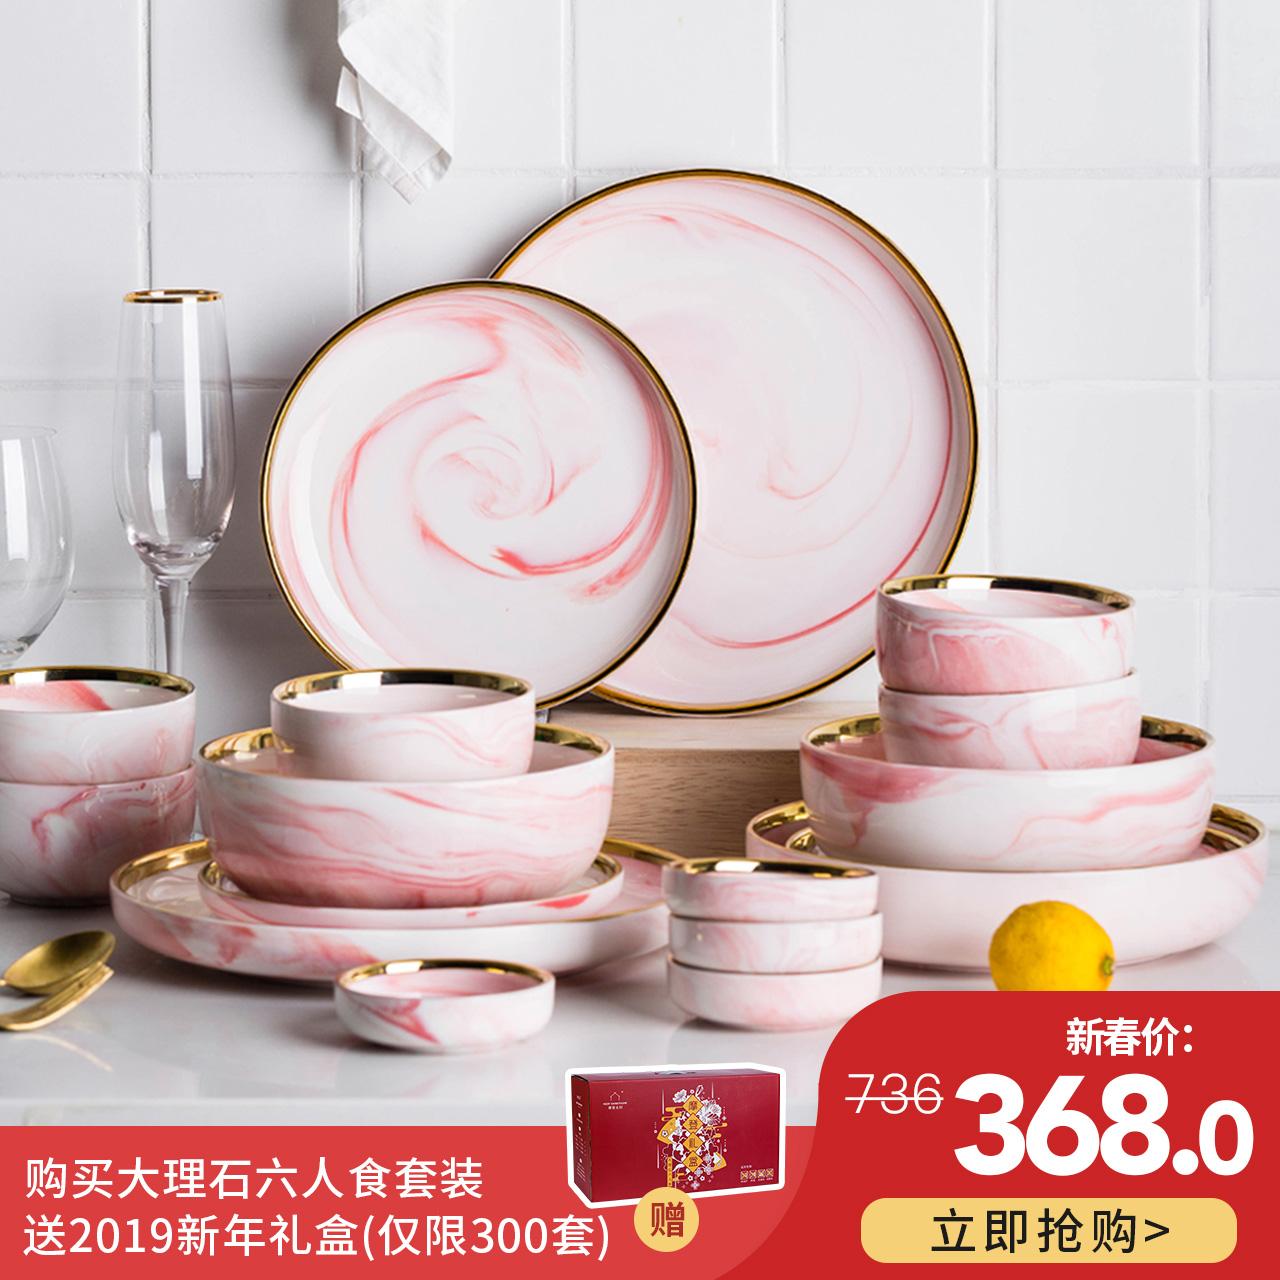 摩登主妇 年货节礼盒 欧式粉色金边大理石陶瓷餐具碗碟套装家用